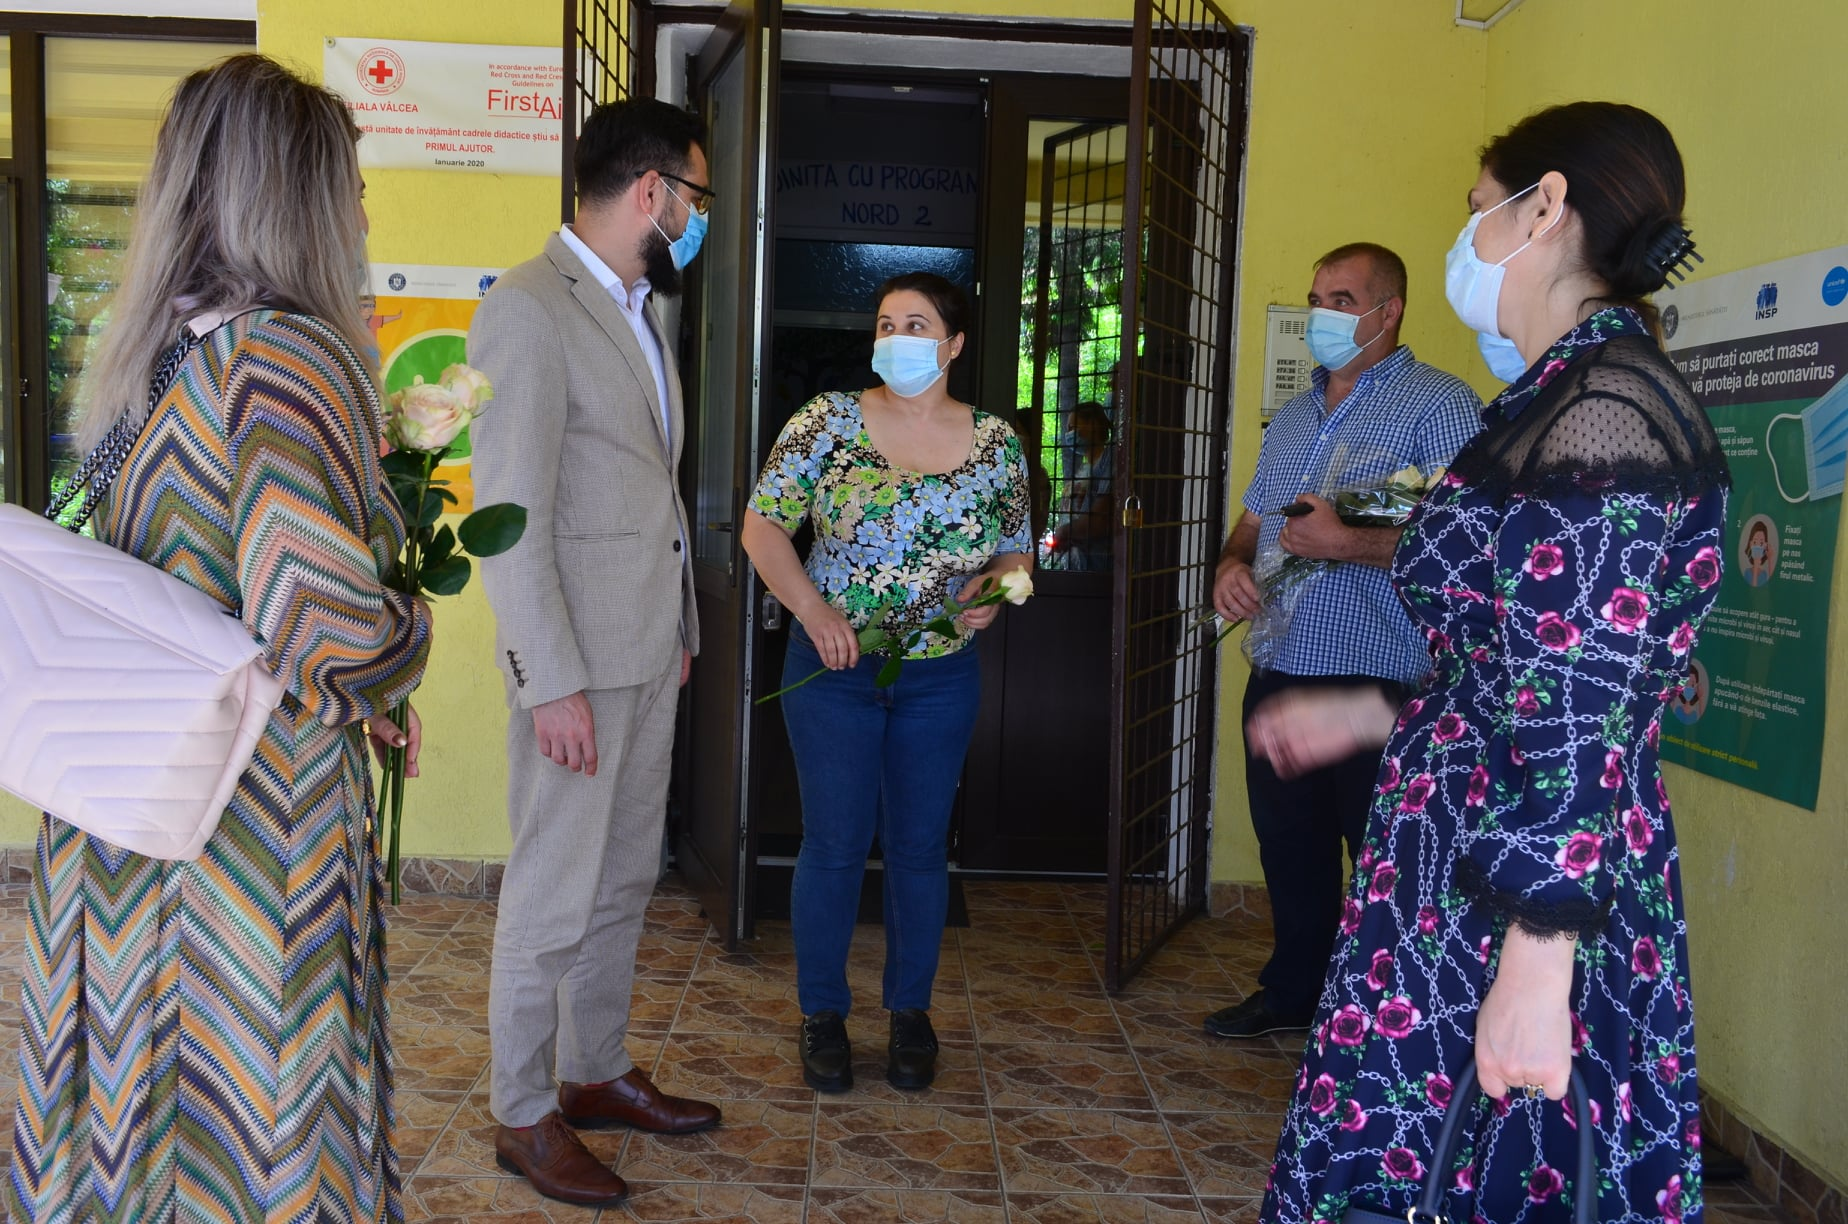 100% rată de vaccinare a personalului la grădinița cu program prelungit Nord 2